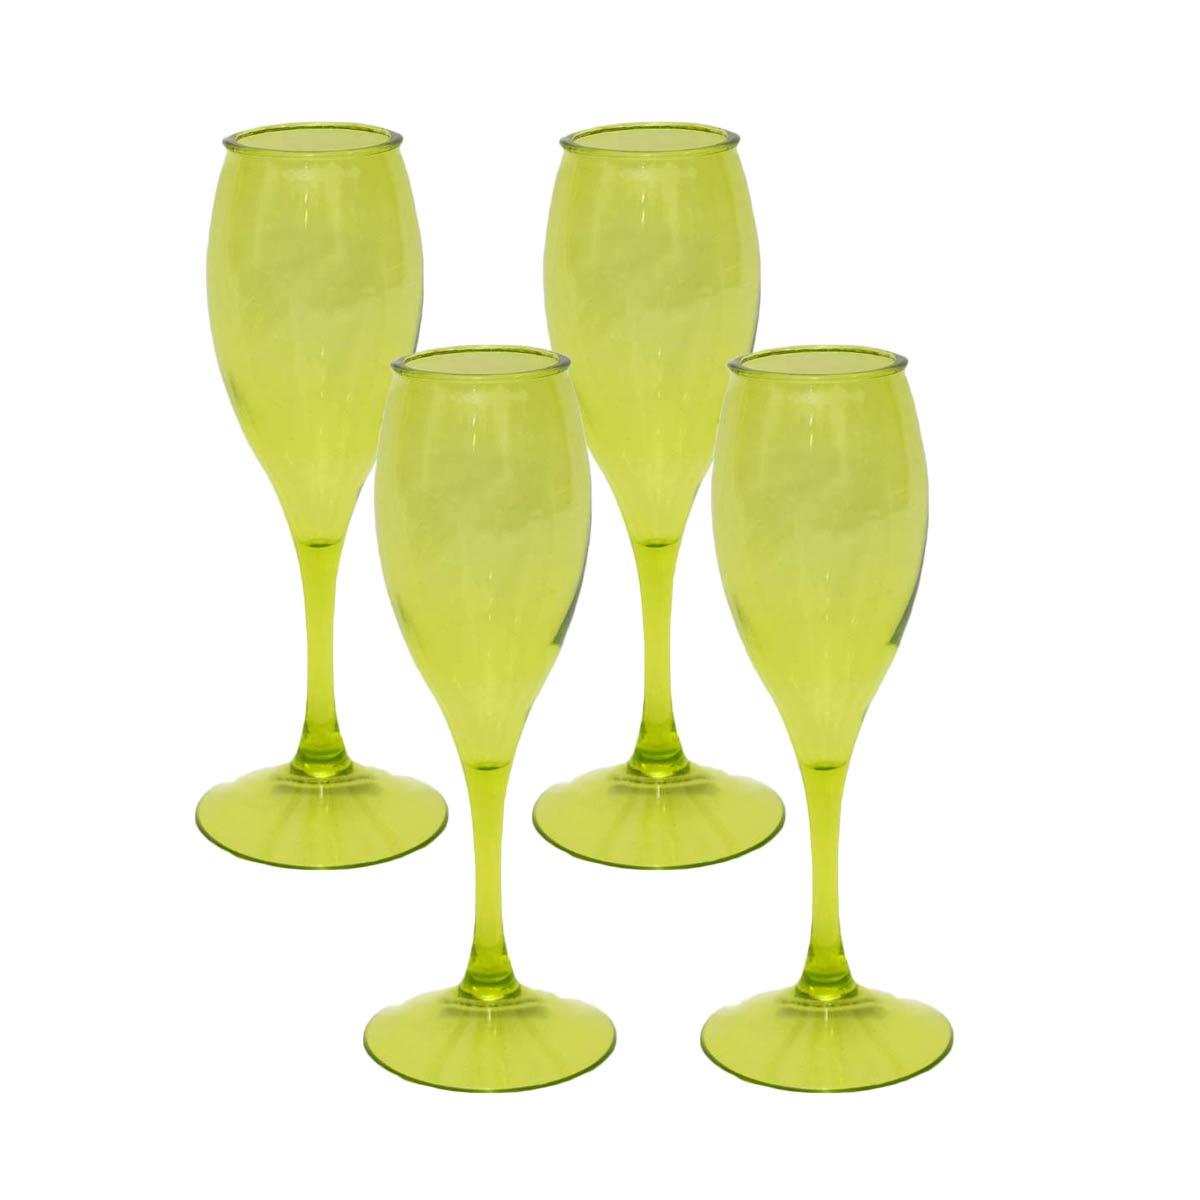 Kits 4 Taça para Champagne Acrílico Verde 220 ml  - Lemis